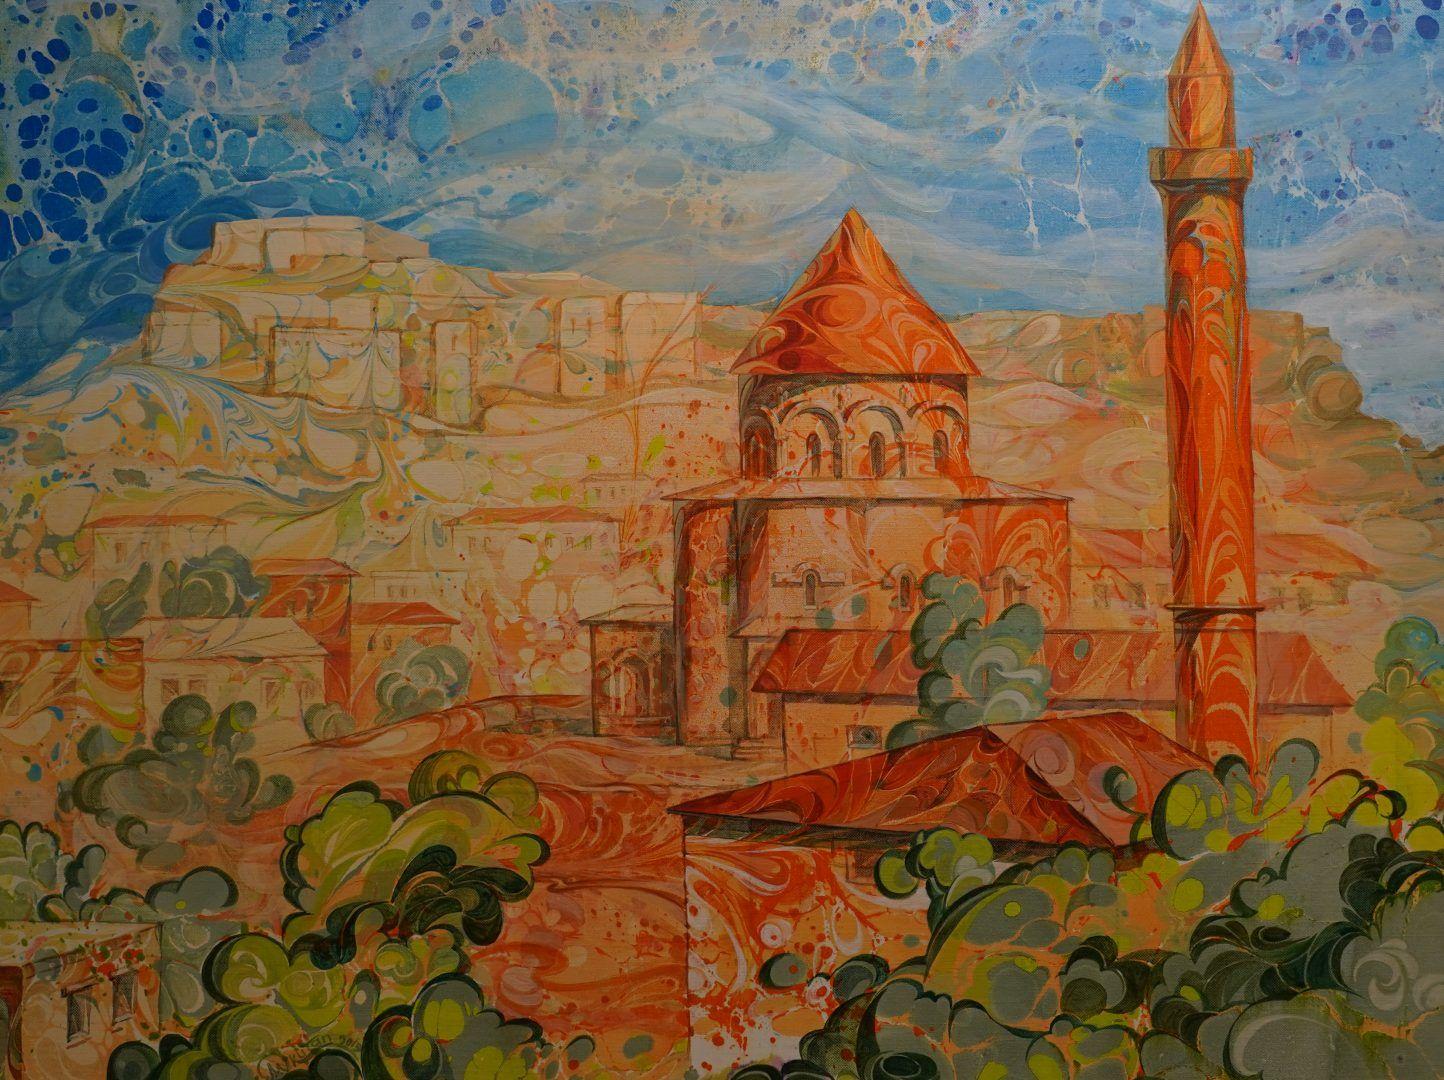 Церковь святых апостолов в Карсе, бывшая христианская церковь, превращенная ныне в мечеть.